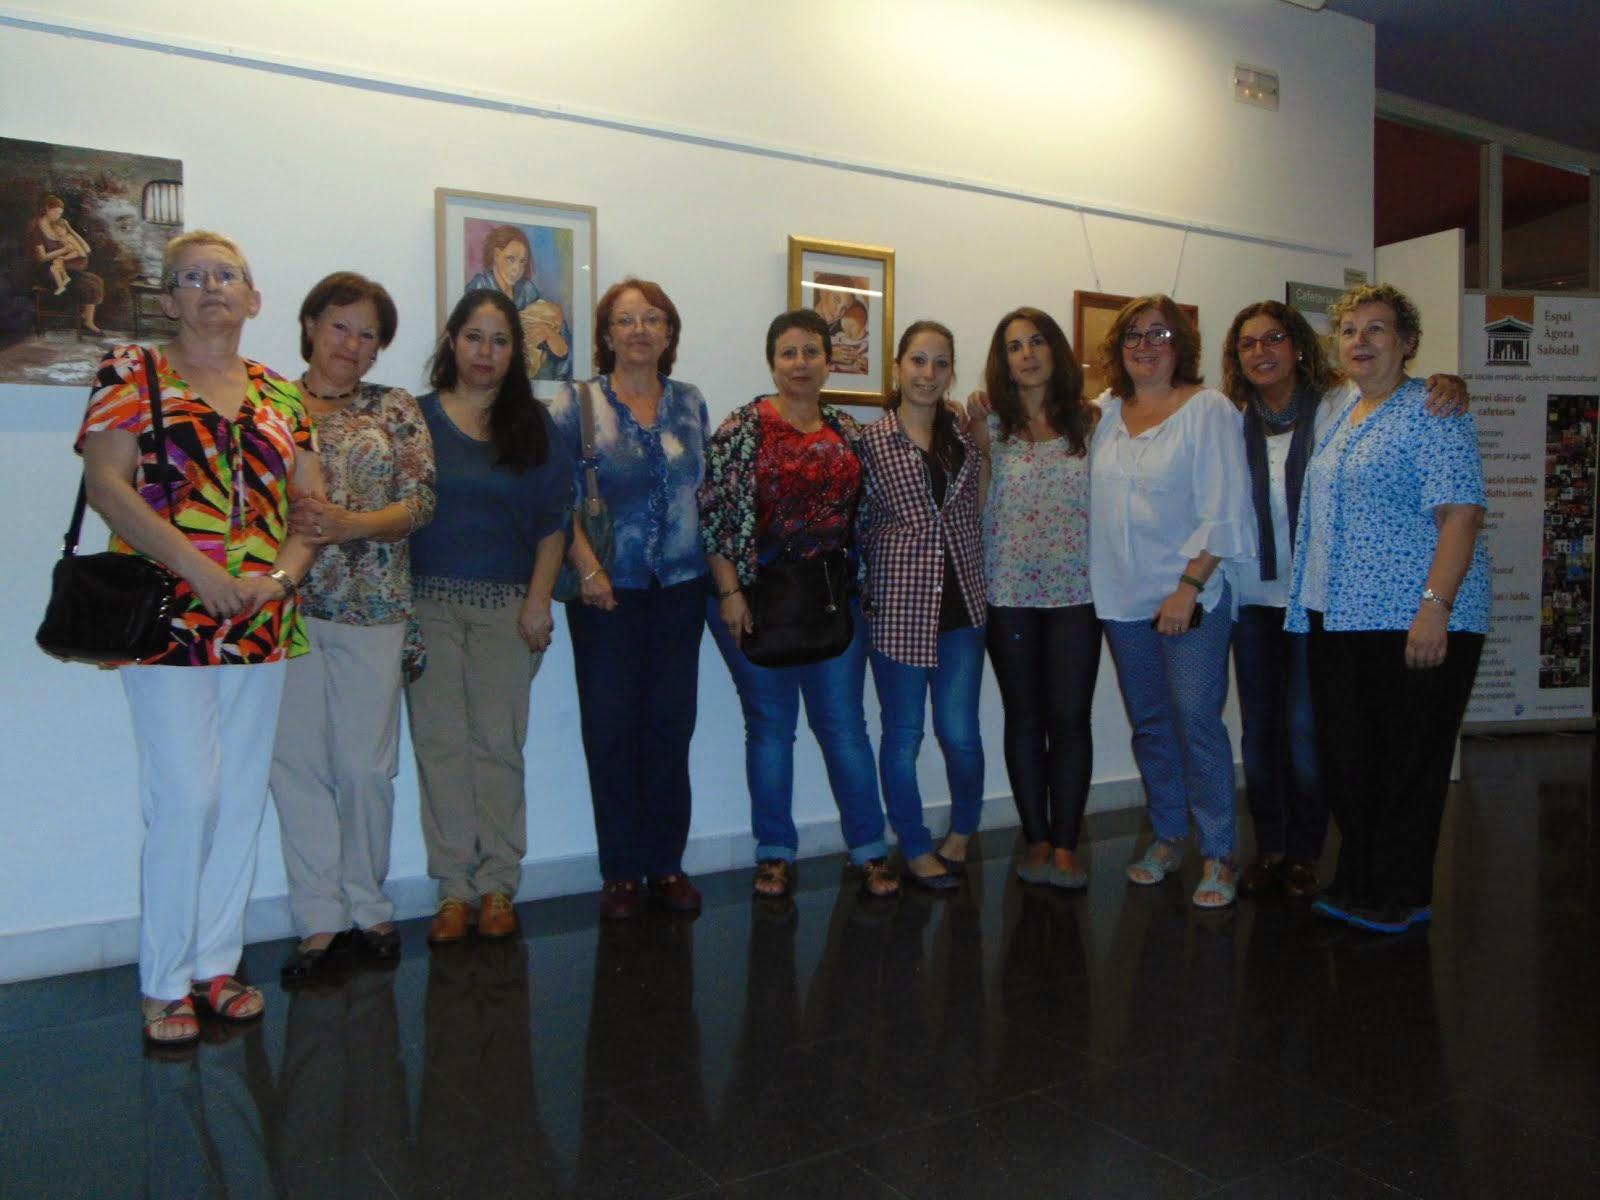 EXPOSICIÓN EN EL CENTRO CULTURAL DE SABADELL